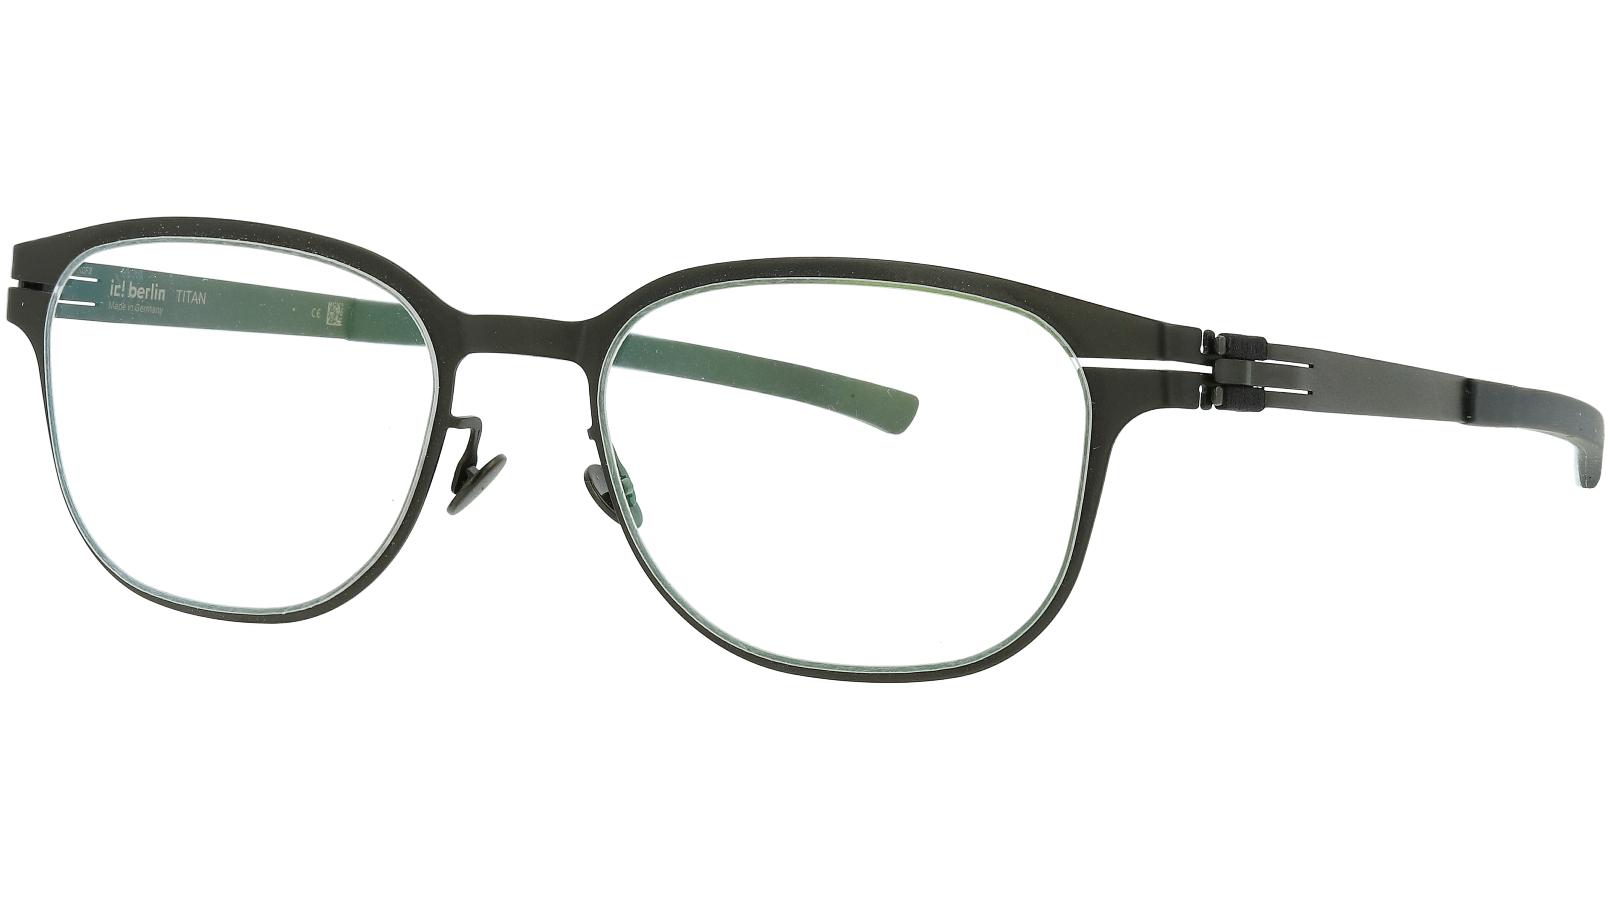 ic! Berlin T117 Black 51 Flex Glasses